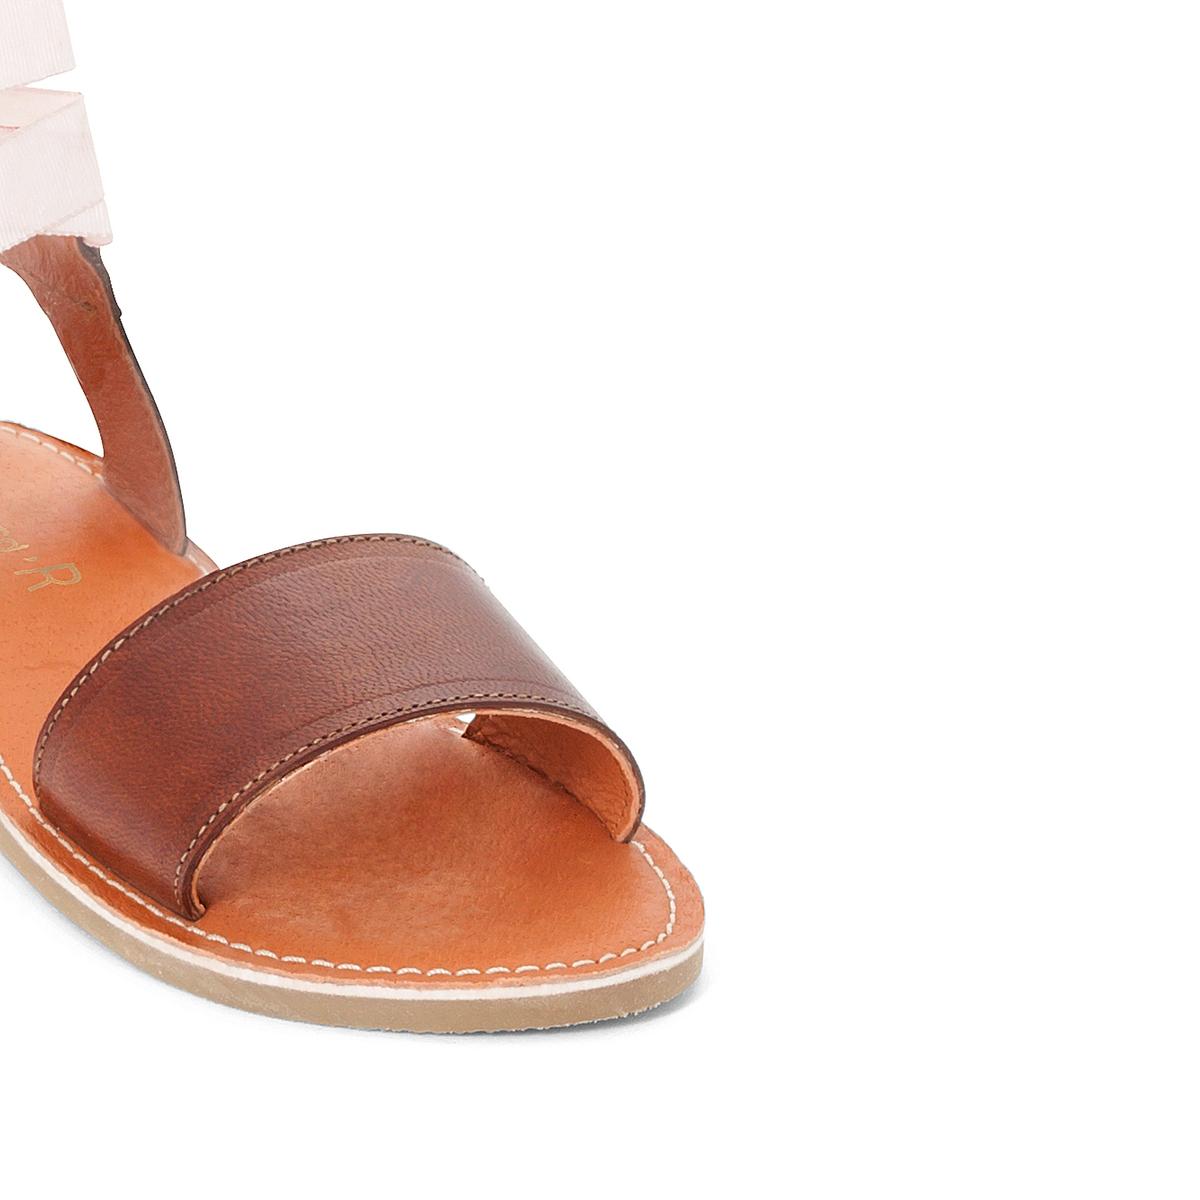 Босоножки кожаныеОписание:Детали  •  Плоский каблук •  Застежка : шнуровка •  Открытый мысокСостав и уход  •  Верх 100% кожа<br><br>Цвет: серо-бежевый<br>Размер: 30.35